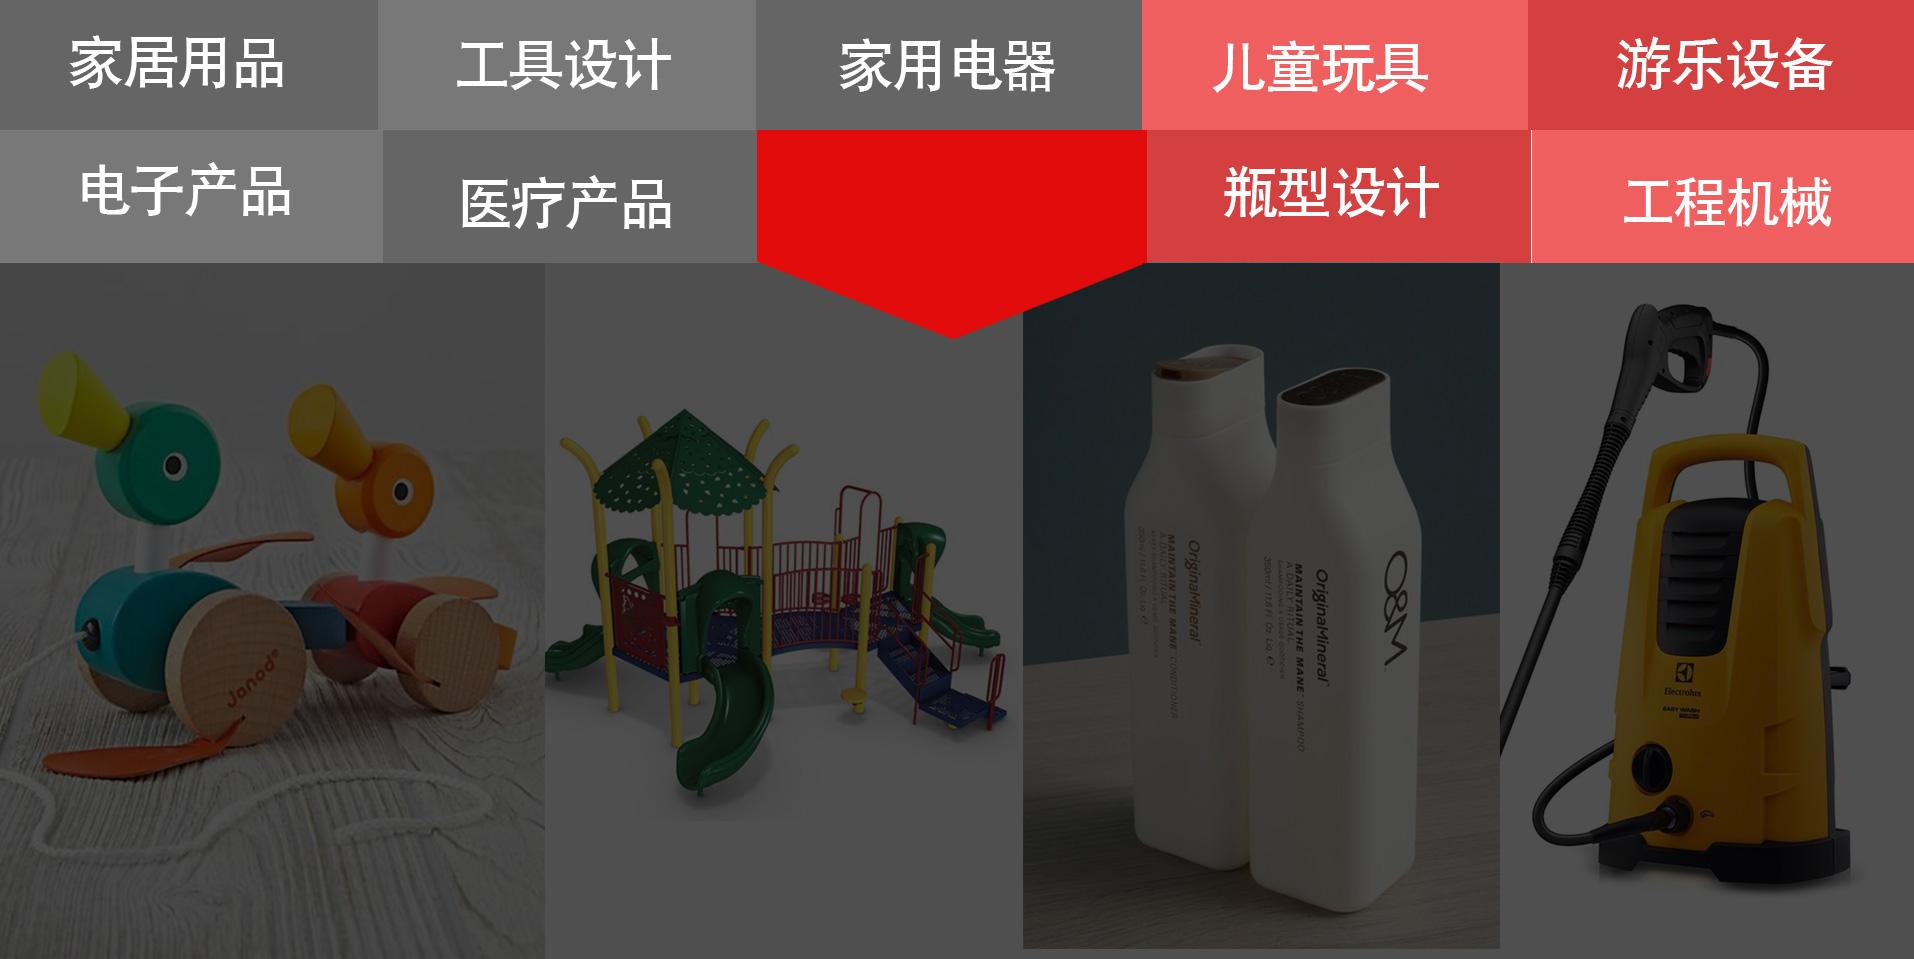 产品外观设计_【智能家电】笔间产品设计/外观设计/工业设计/智能家电器设备15